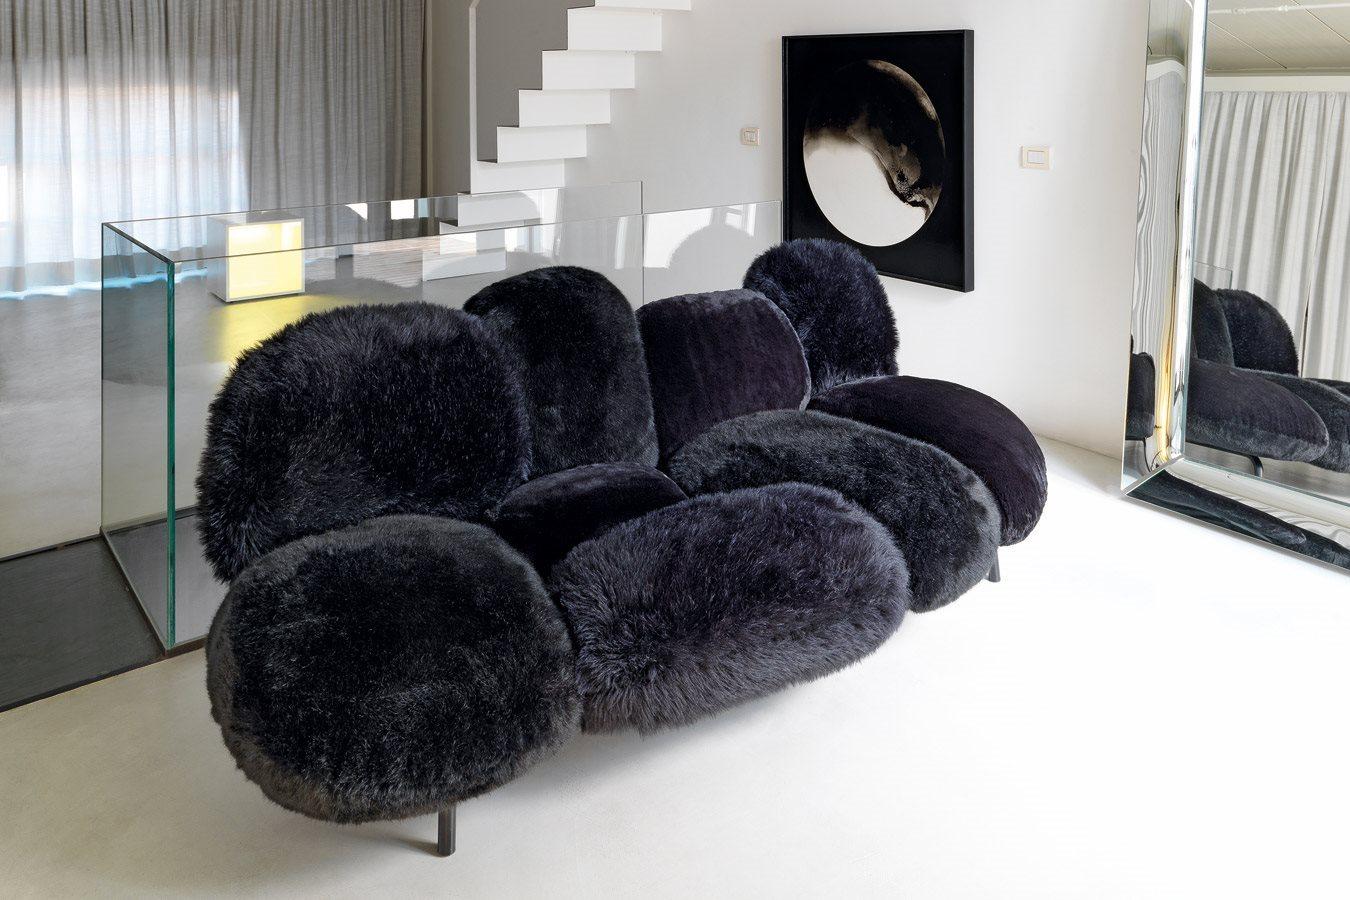 أريكة عصرية غريبة 5 الراحة والعصرية في تصميمات أرائك غريبة وغير تقليدية